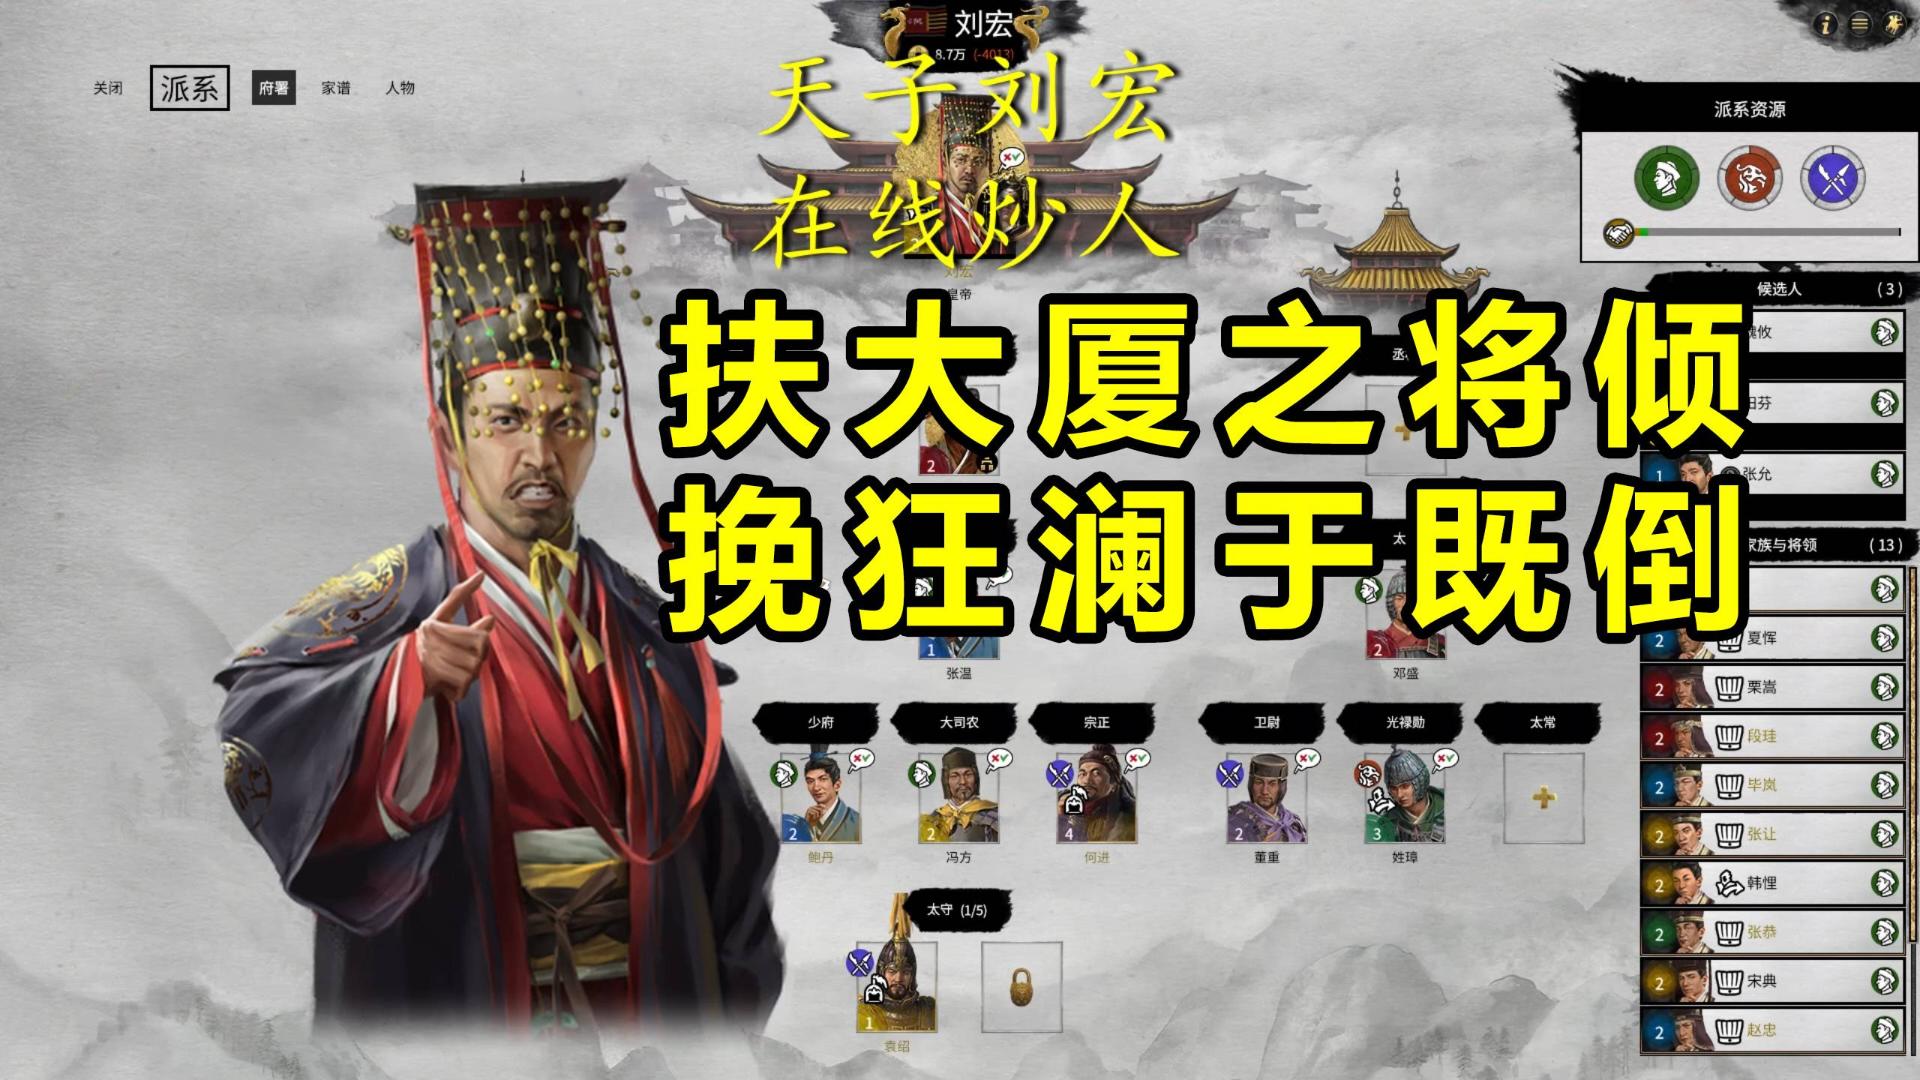 重生之我是汉灵帝!三国全面战争新DLC传奇难度天子刘宏开荒